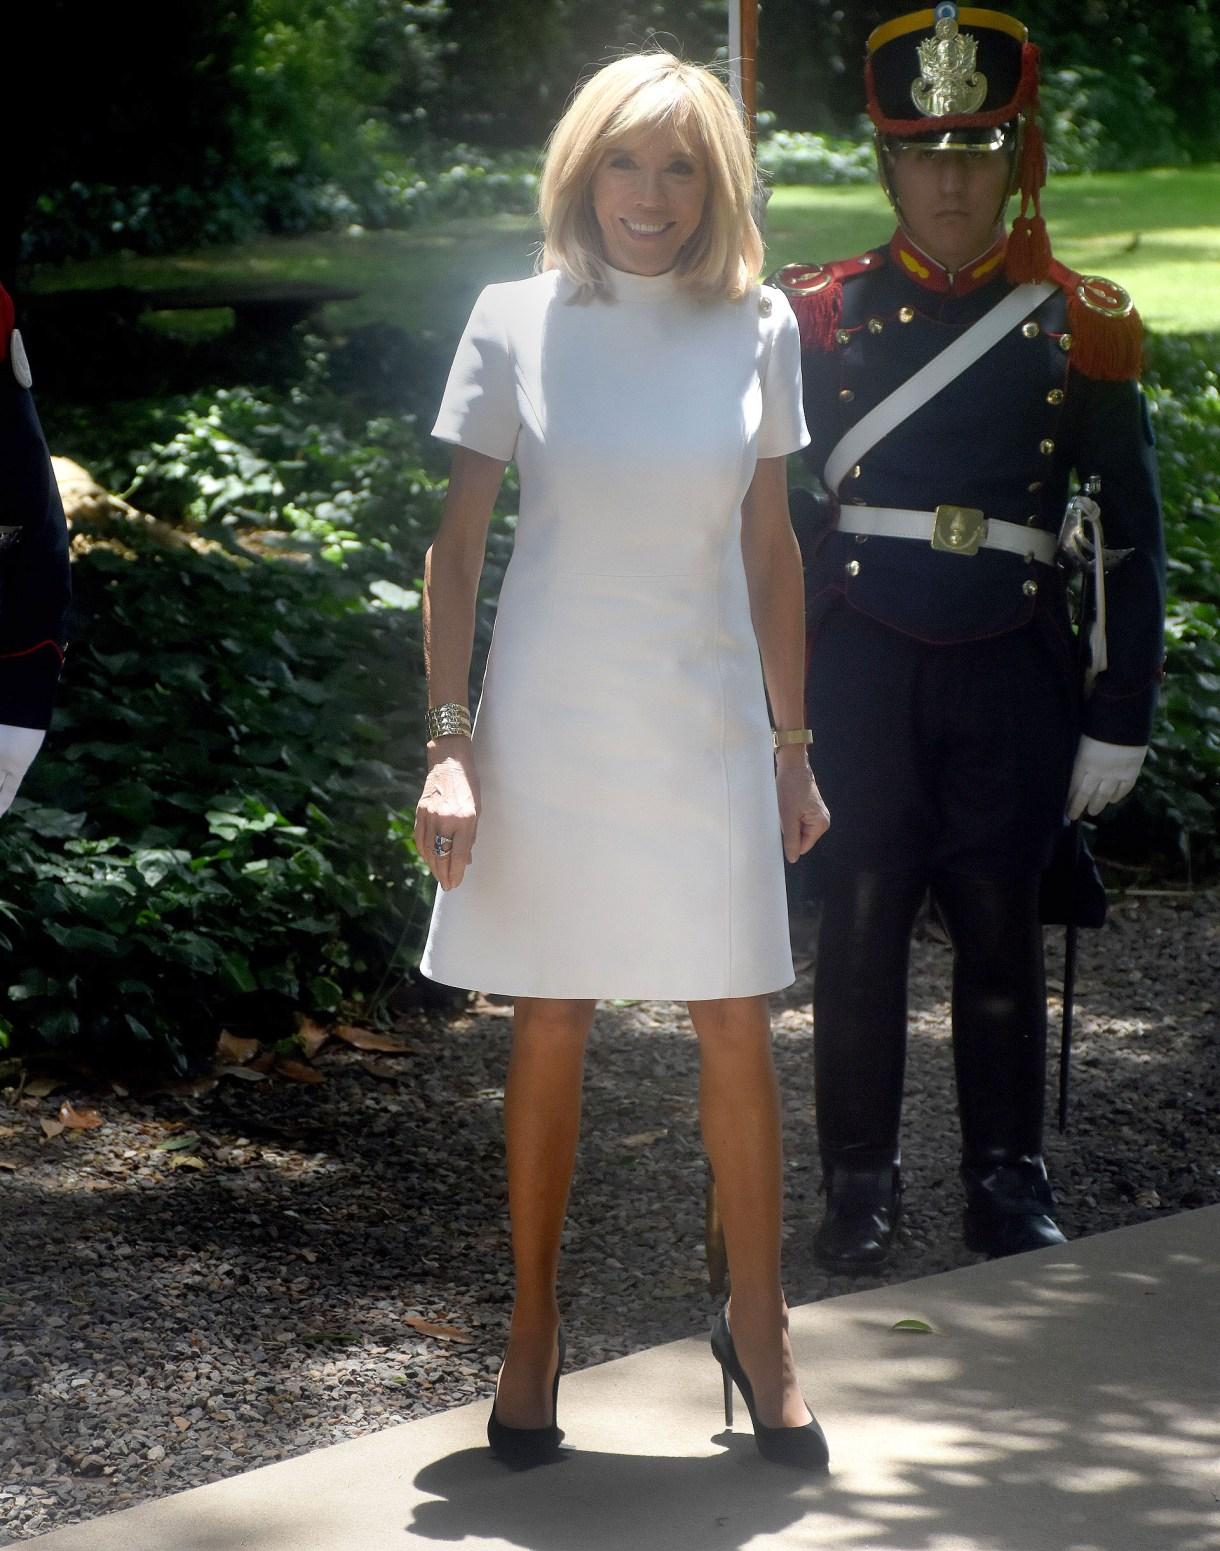 Brigitte Macron en el almuerzo en Villa Ocampo con vestido blanco y zapatos negros (Nicolás Stulberg)